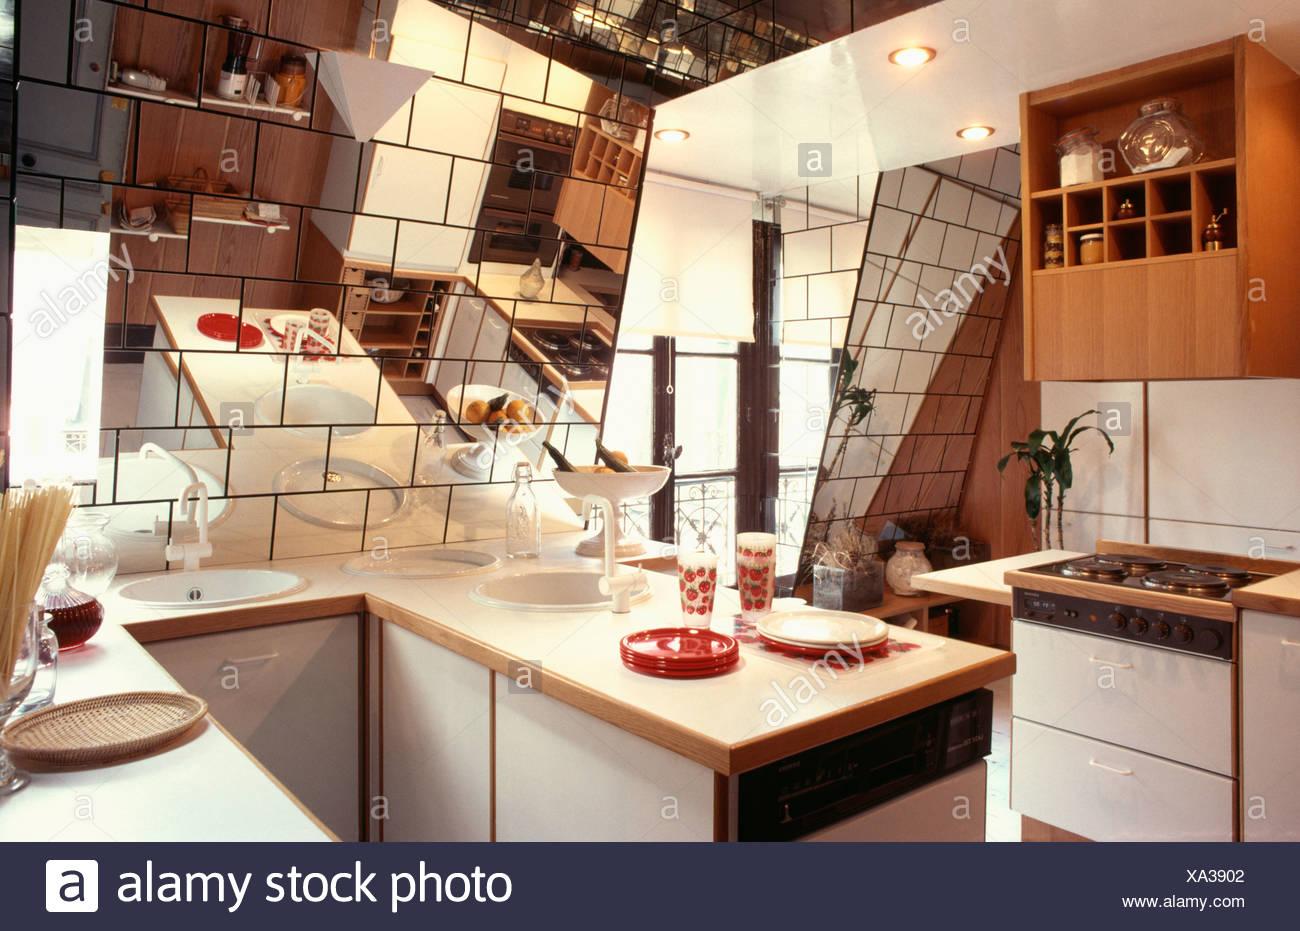 Piccolo attico degli anni ottanta cucina con piastrelle a specchio